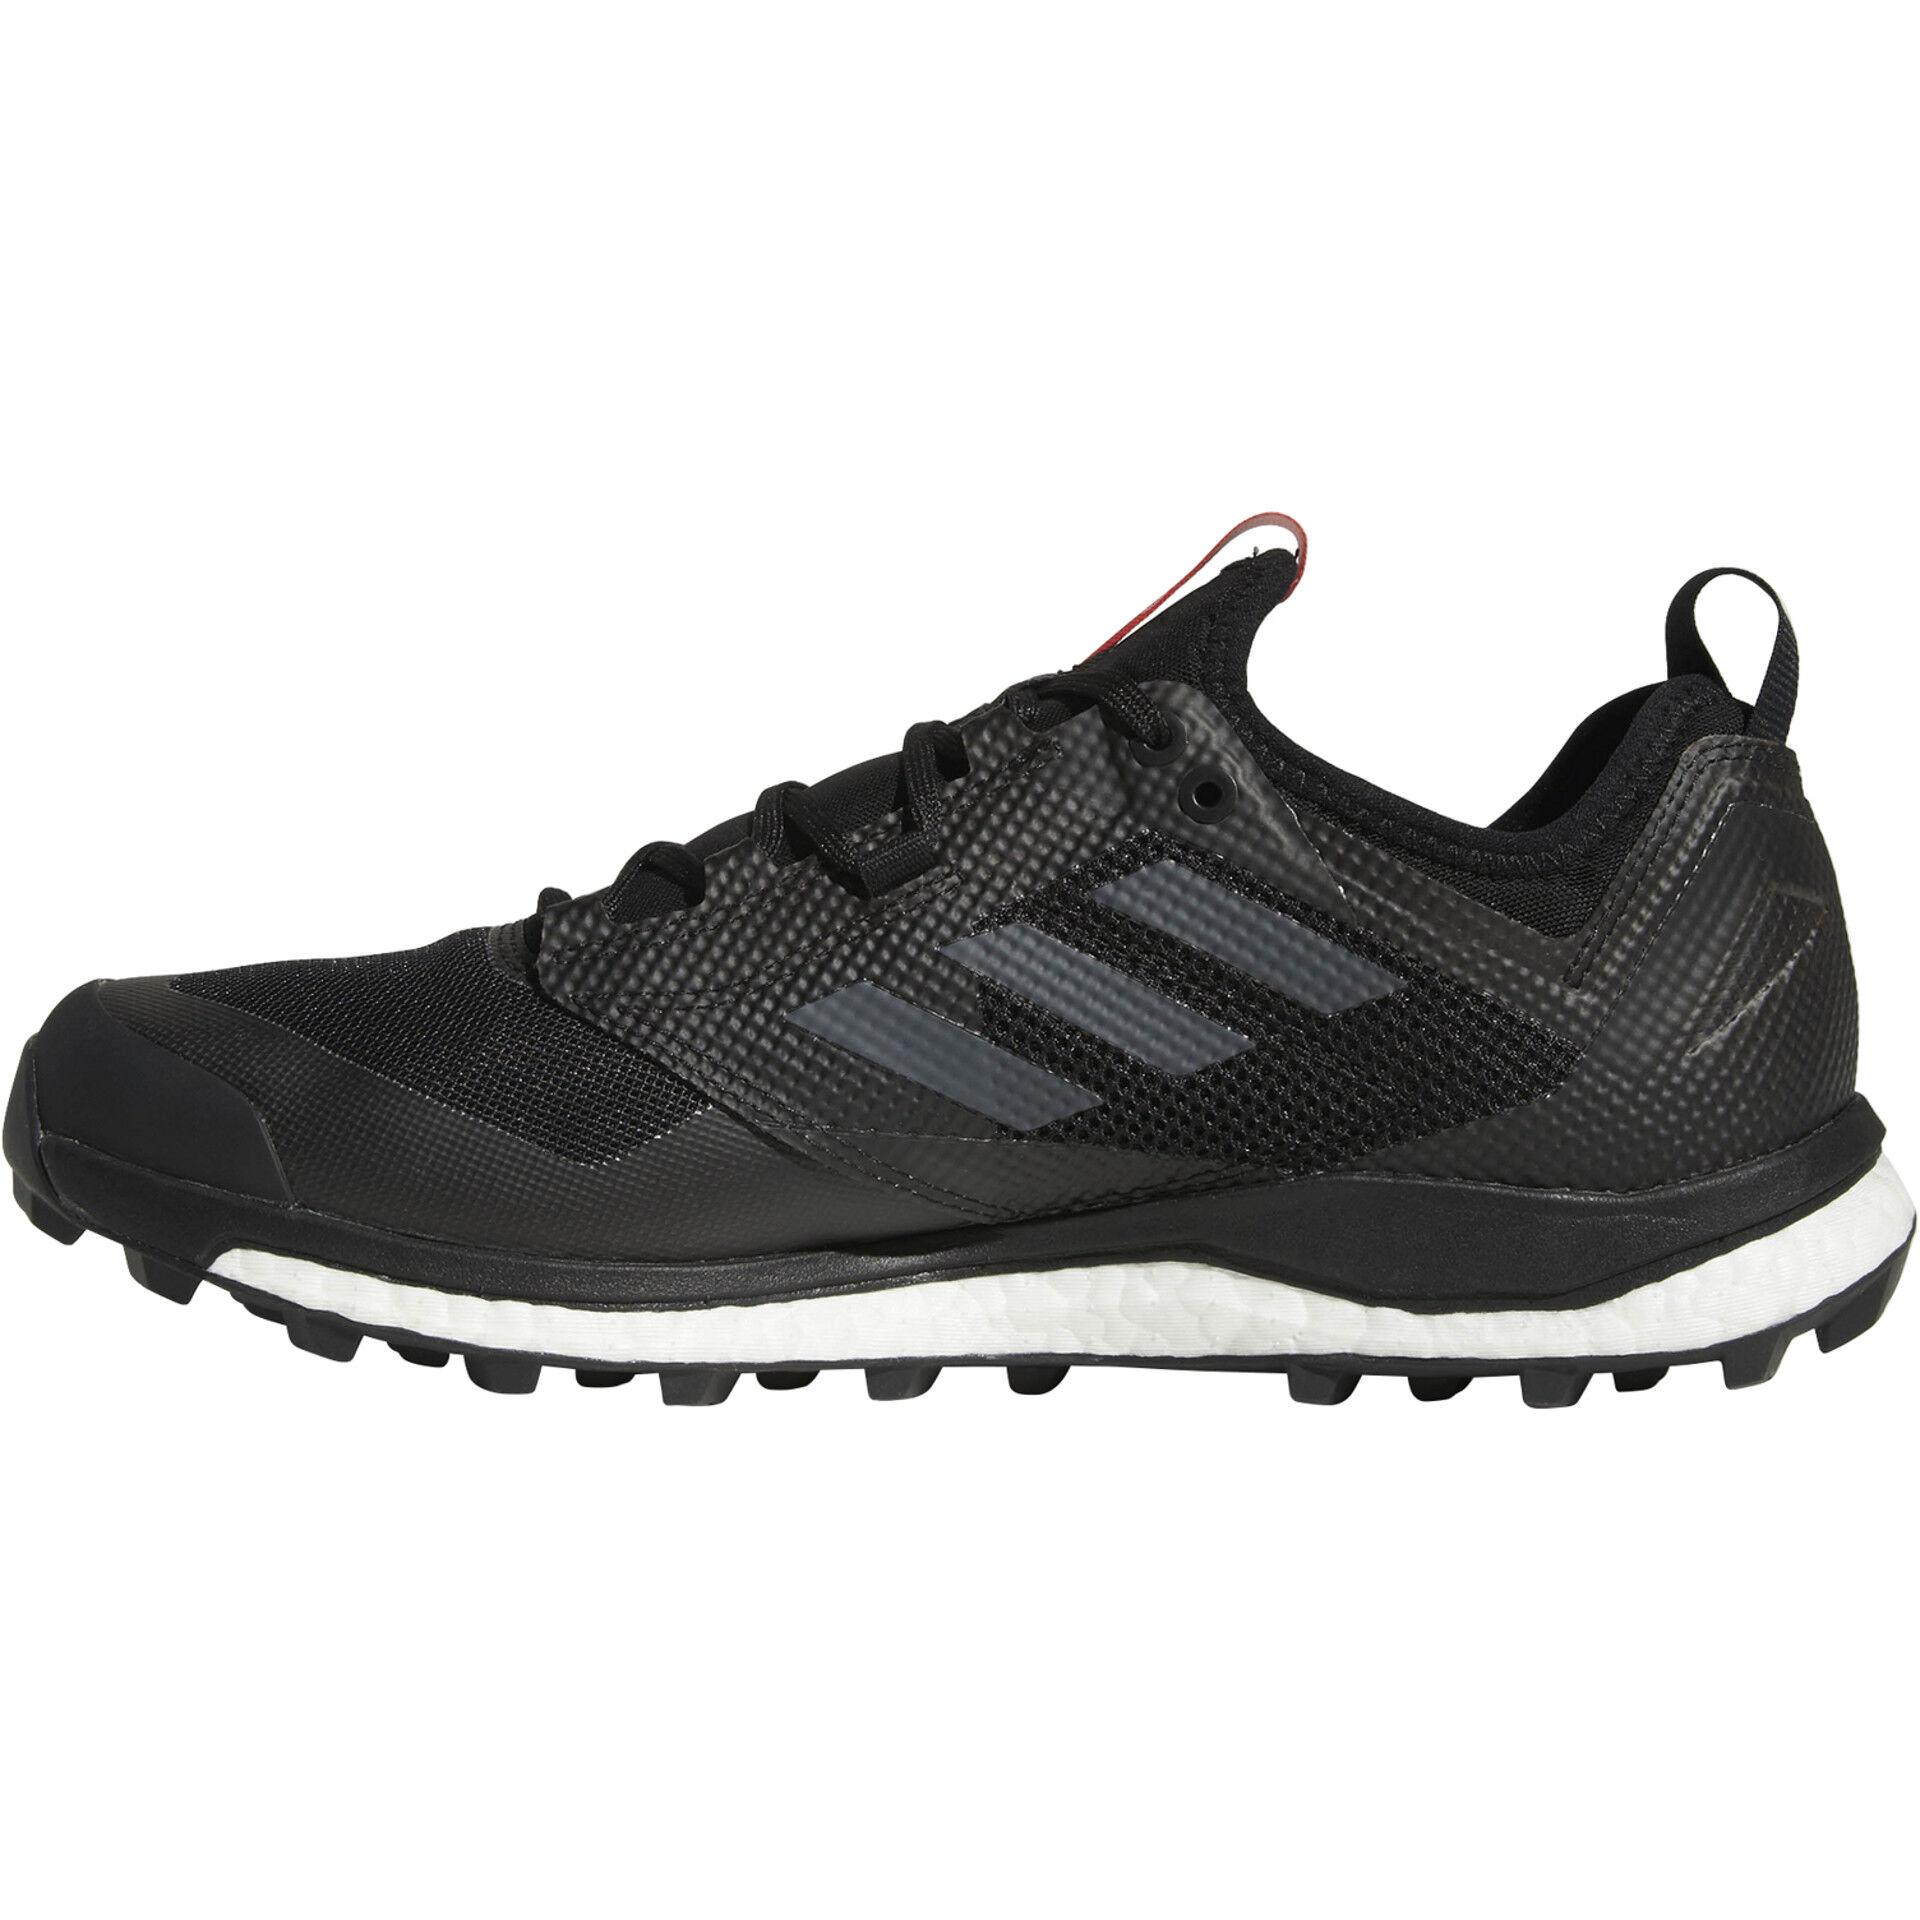 adidas TERREX Agravic XT GTX Shoes Herren core blackgrey fivehi res red